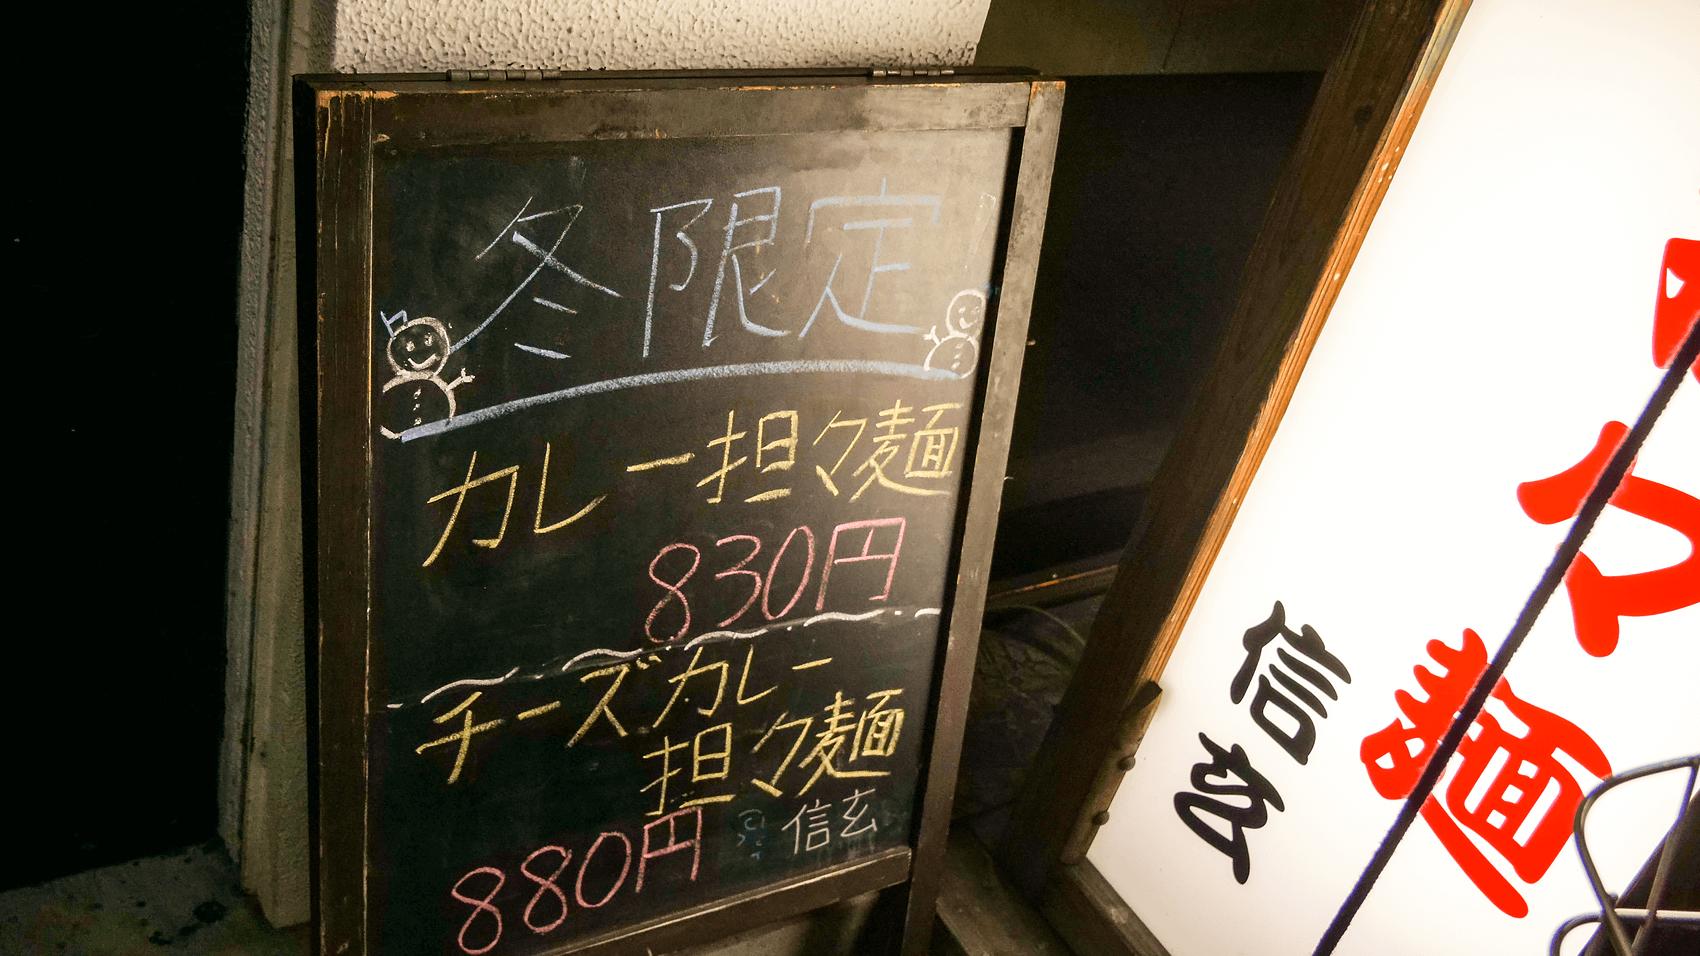 冬限定メニューが書かれた黒板